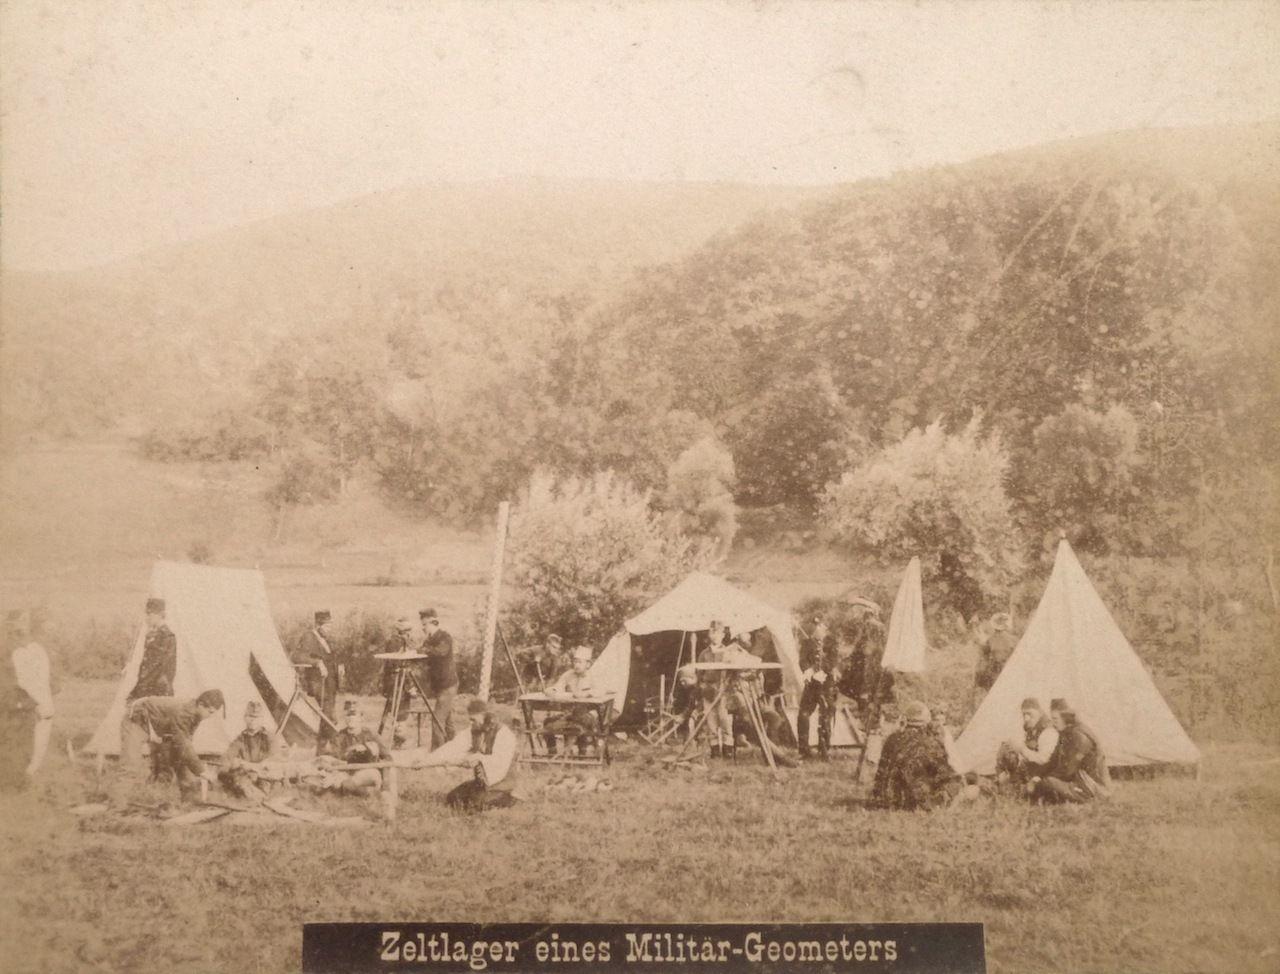 Лагерь геодезистов в Боснии